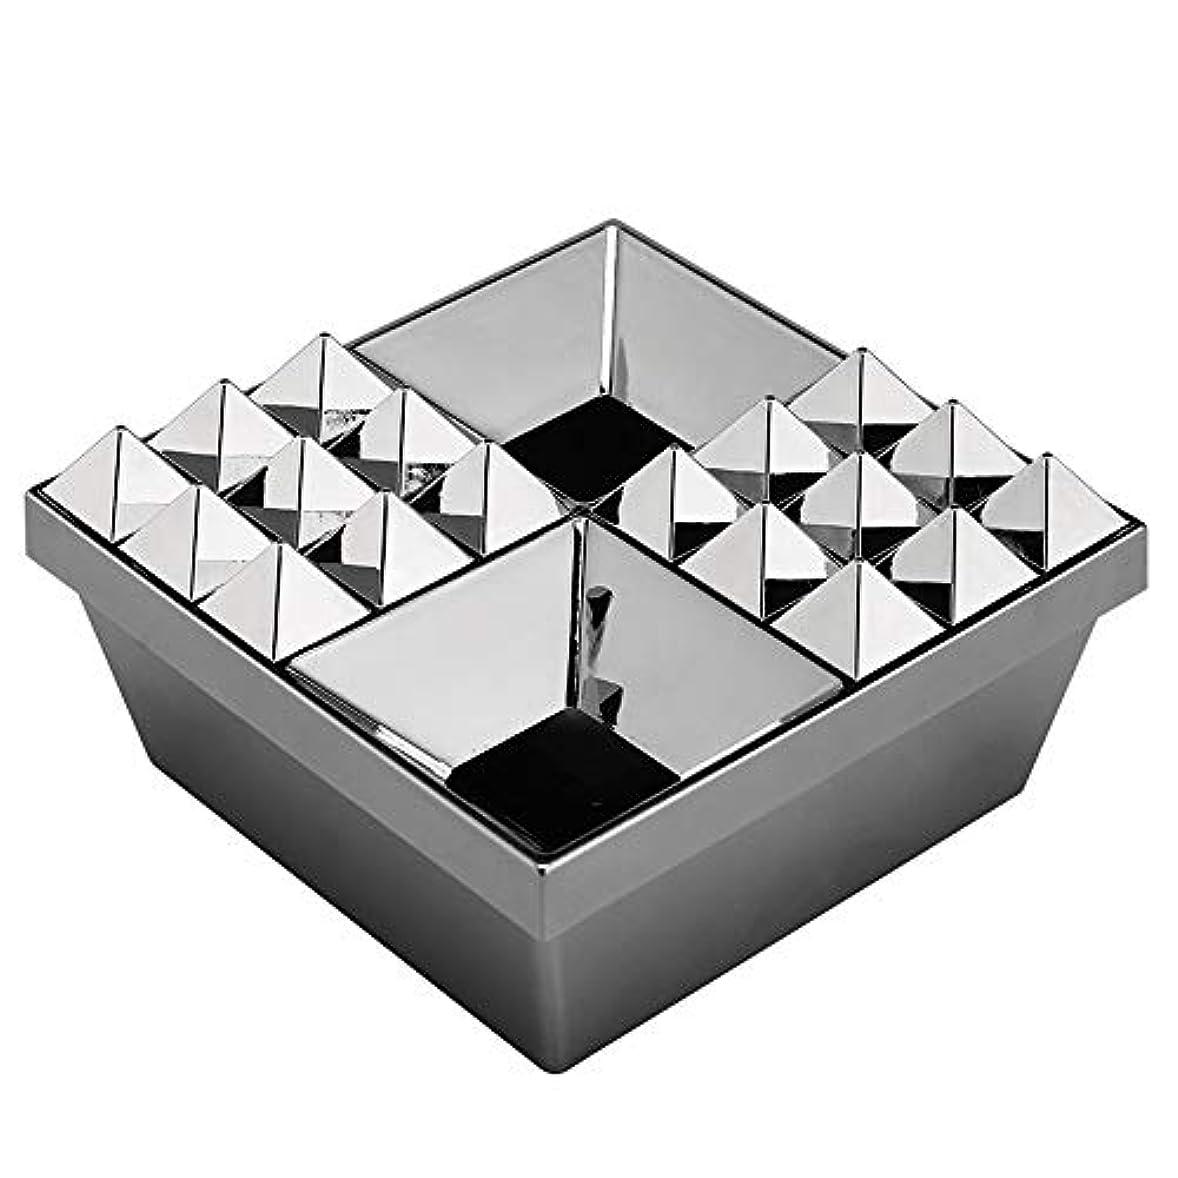 フェードクラッチ避難ふたの家の装飾とタバコの創造的な灰皿のための灰皿 (色 : 銀)